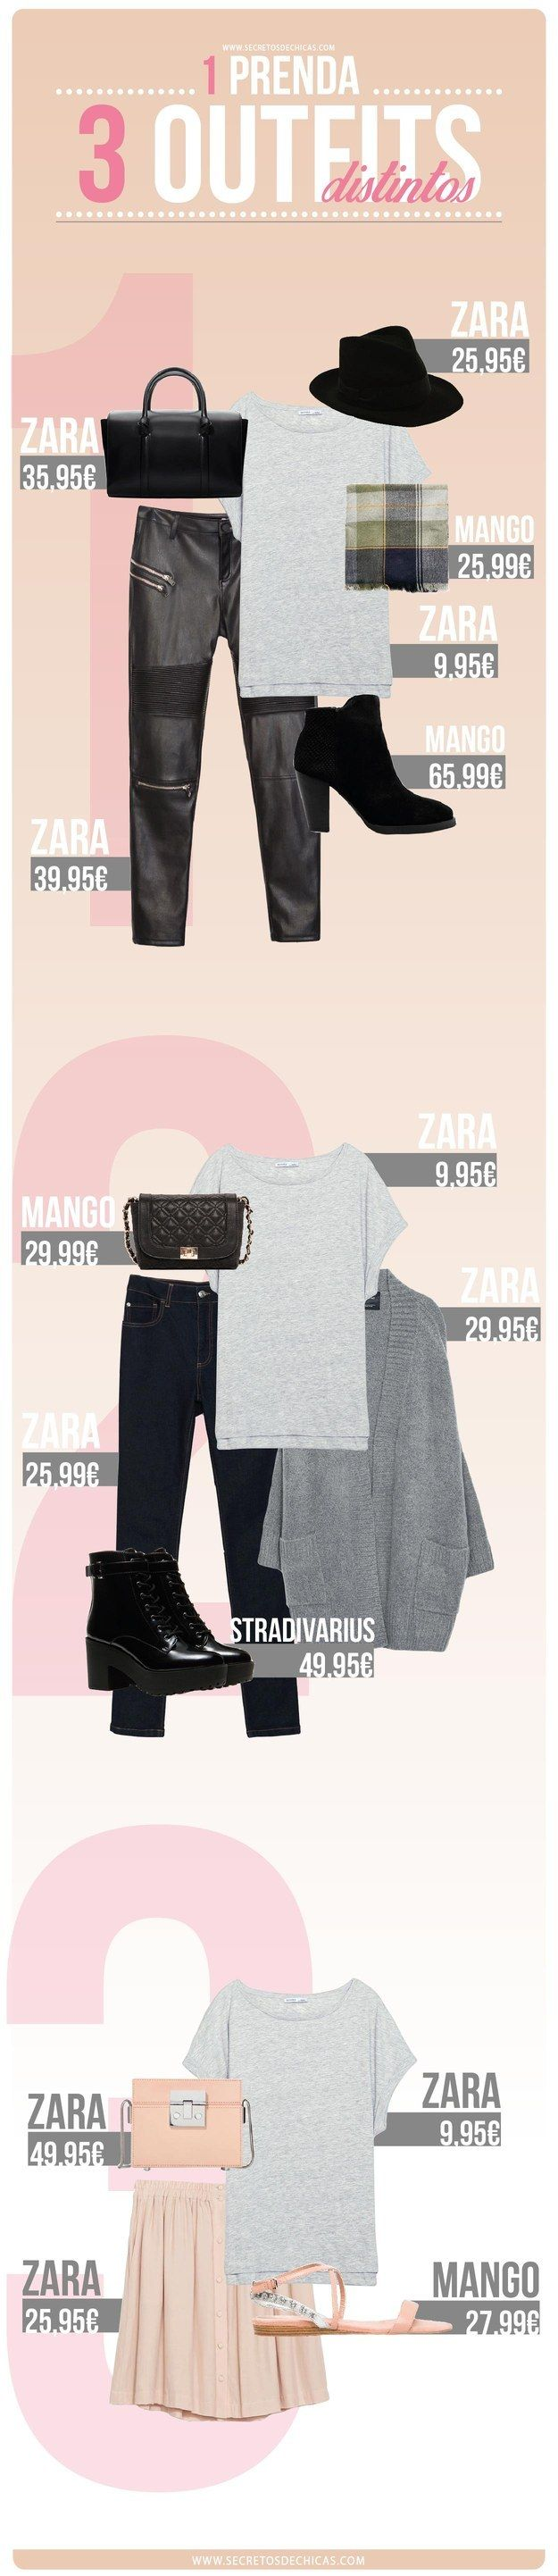 Y si las camisas blancas no son de tu gusto, aquí hay unas opciones para combinar una playera gris. | 18 Guías visuales de estilo que toda mujer necesita en su vida